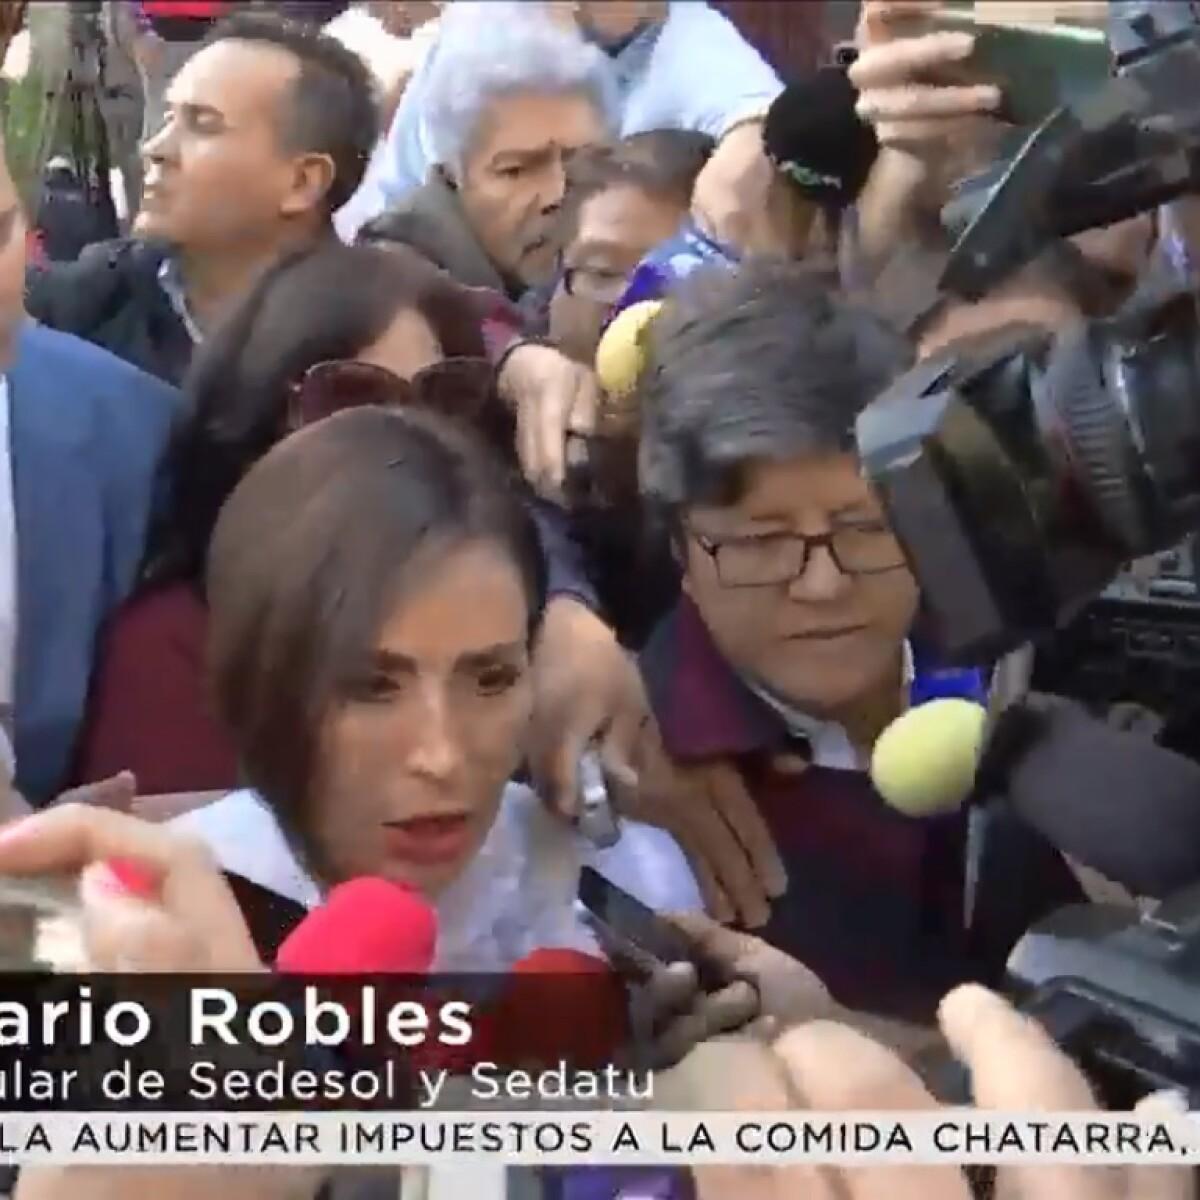 Rosario Robles Noticias: Fiscalía General De La República Imputó Y Acusó